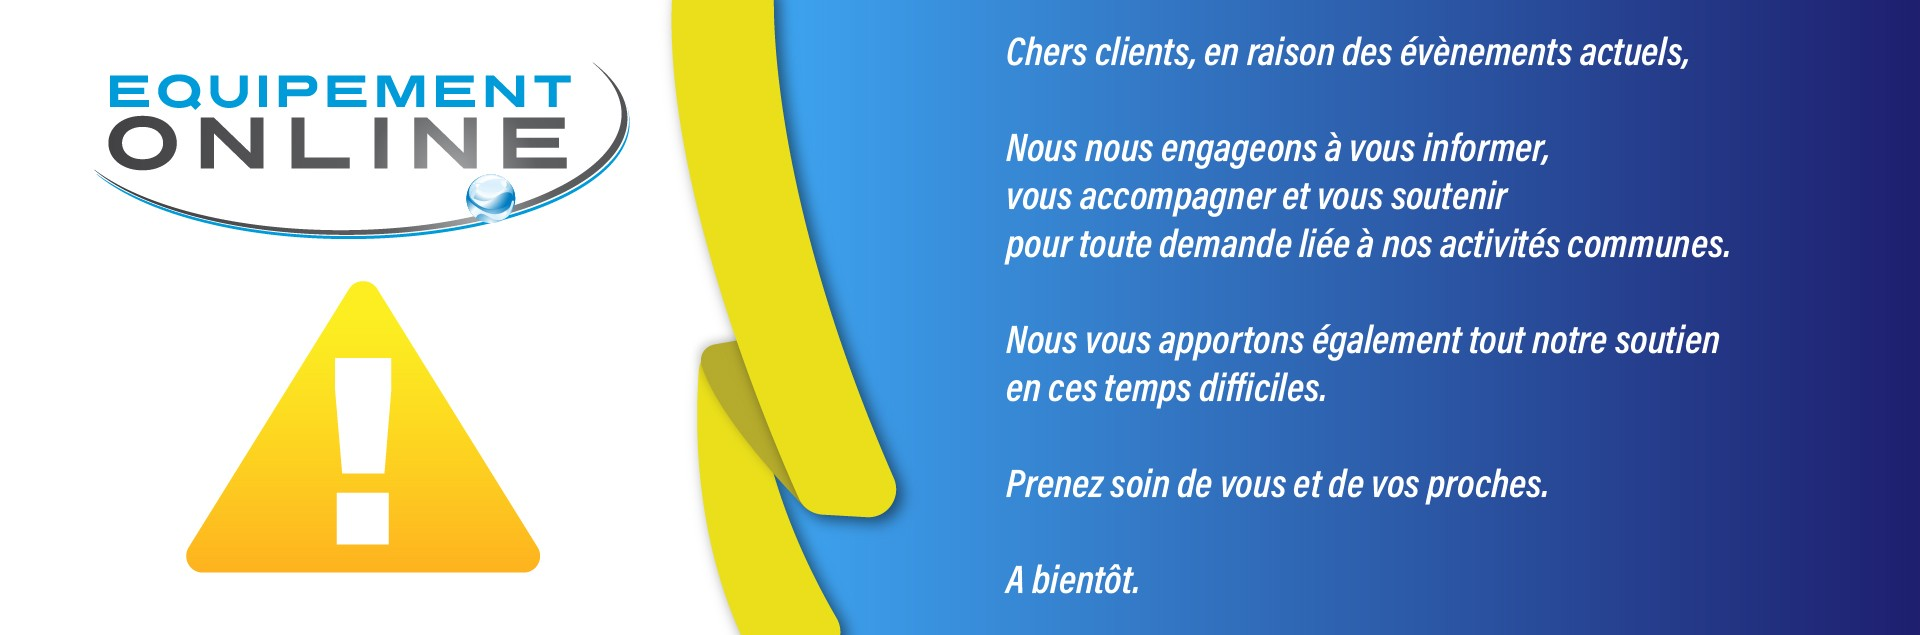 info_equipement_online